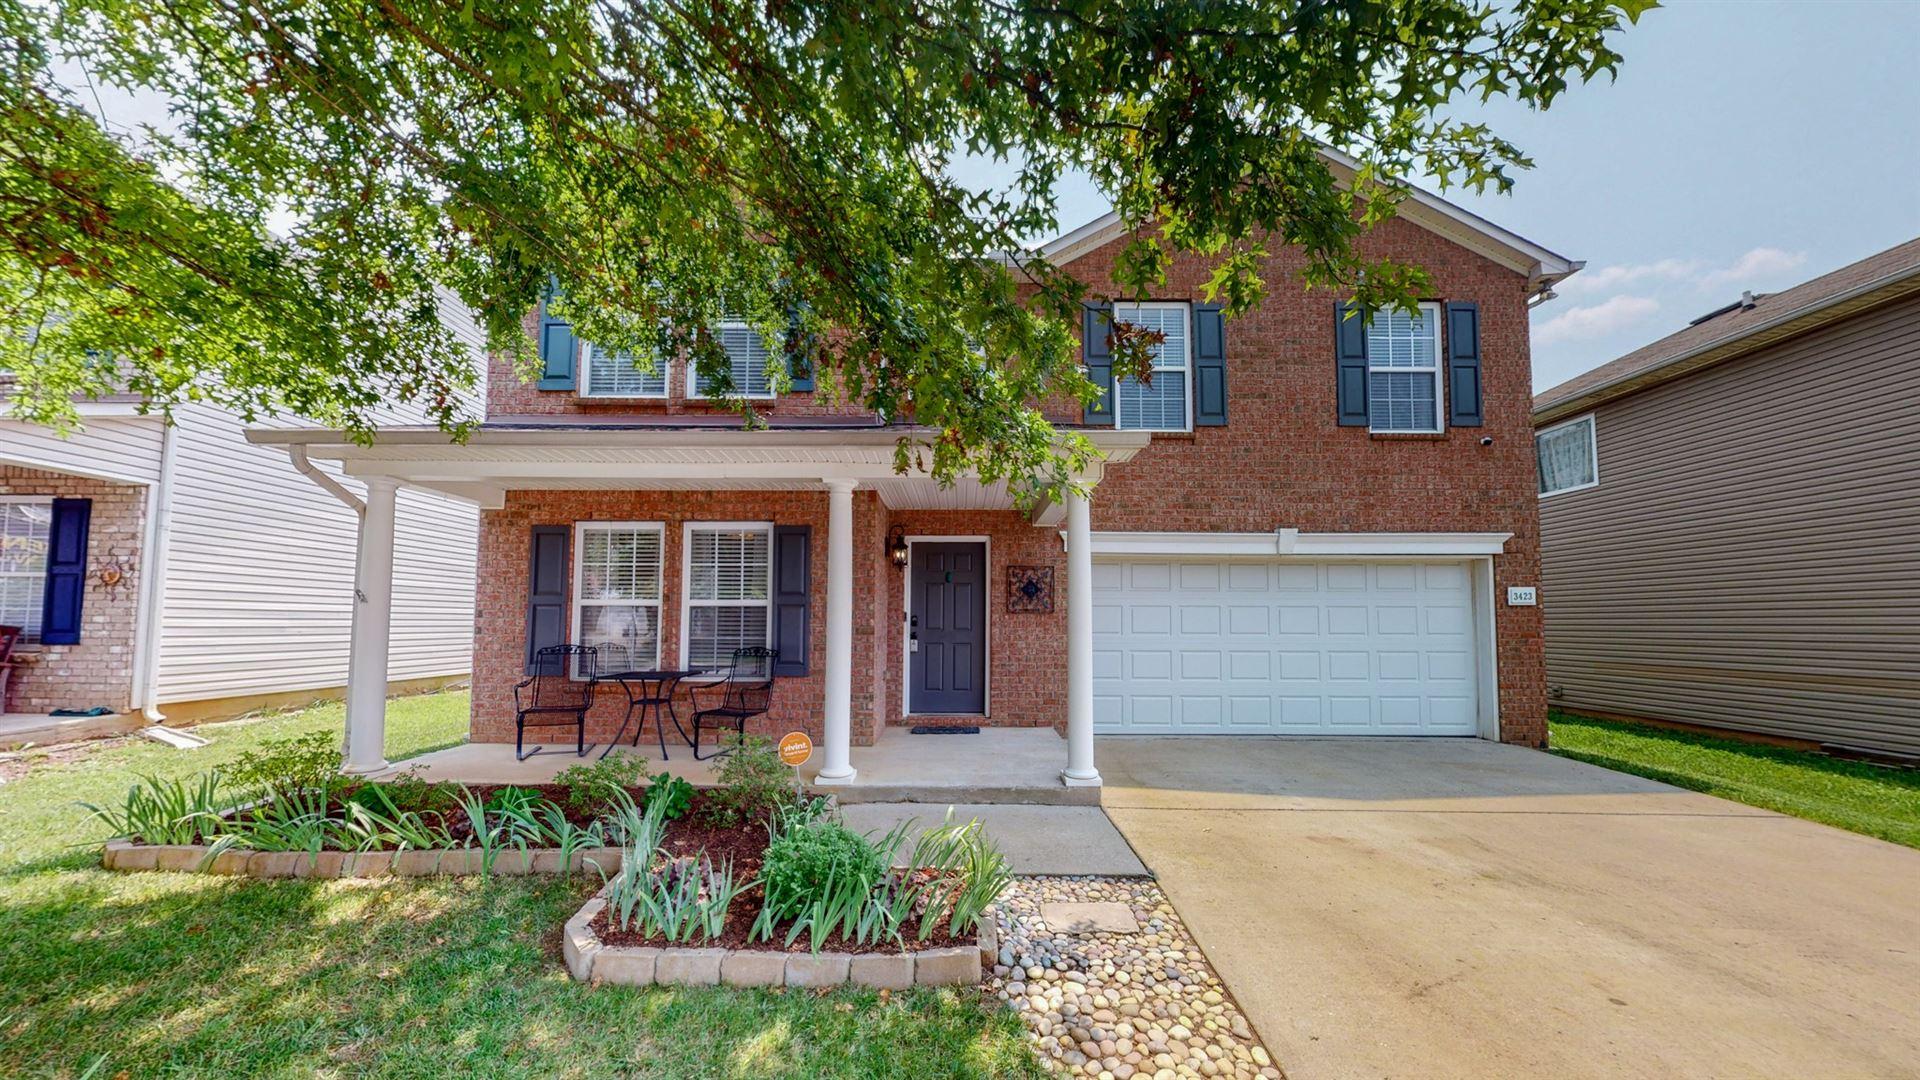 3423 Juneberry Way, Murfreesboro, TN 37128 - MLS#: 2269557